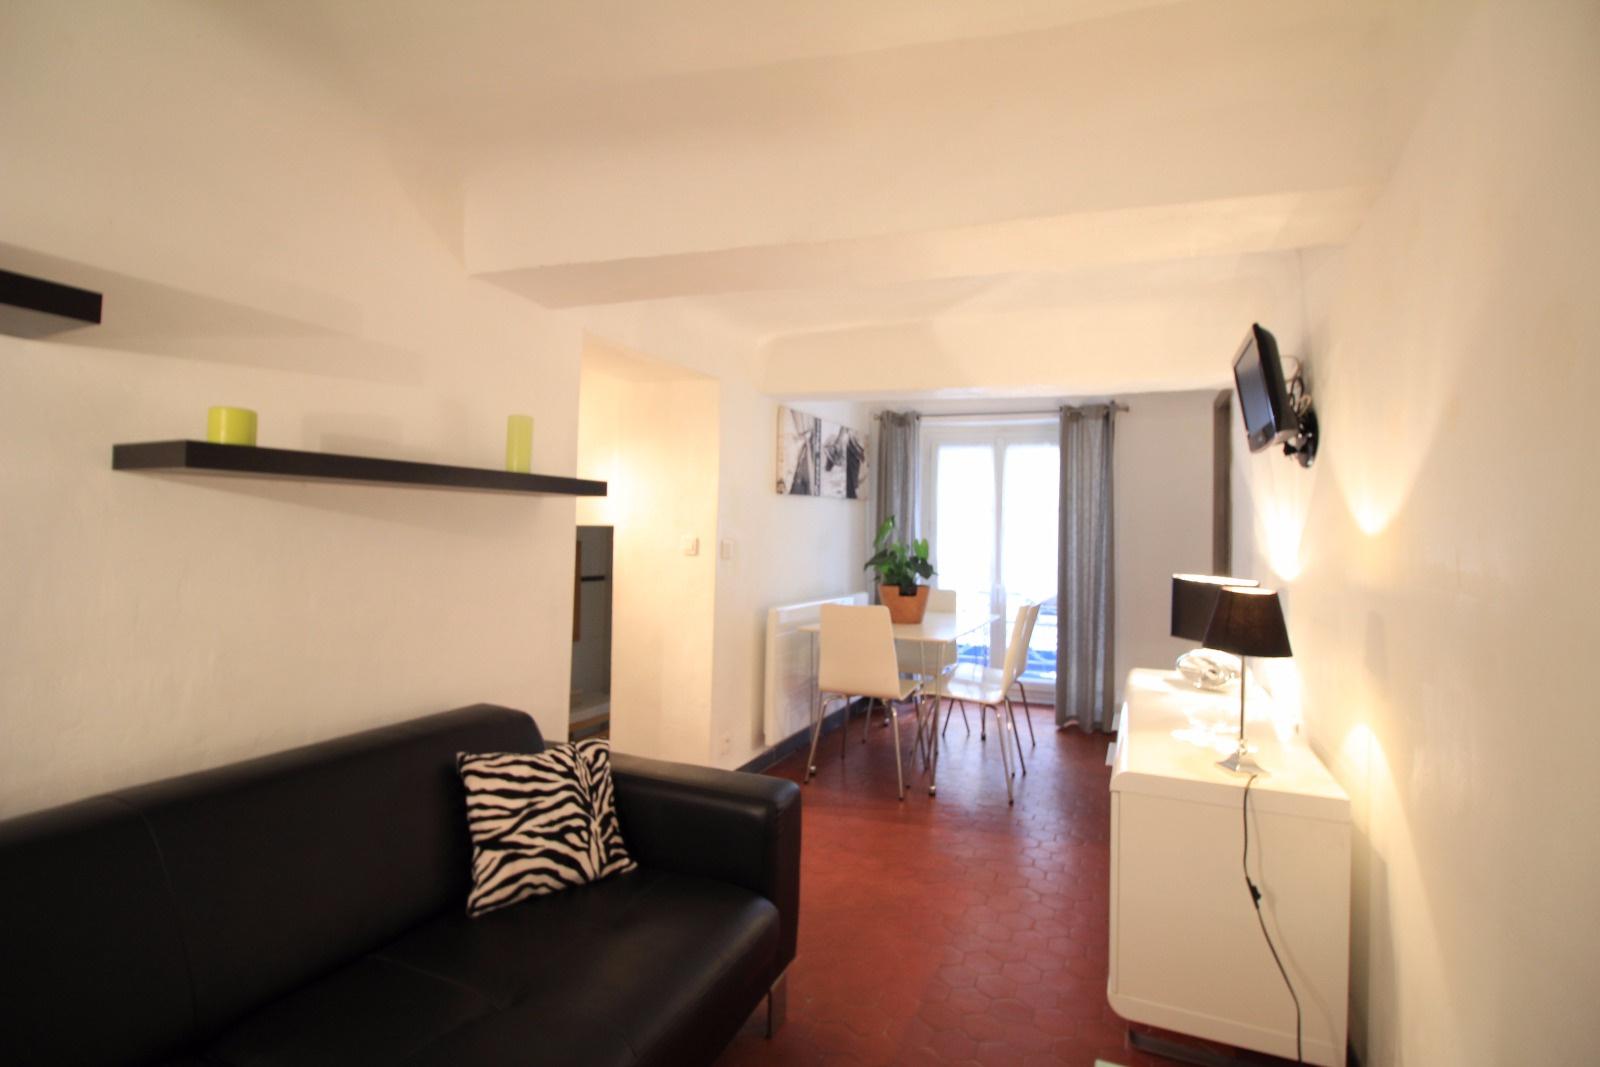 Location Appartement Meubl Cannes Et Environ Avec